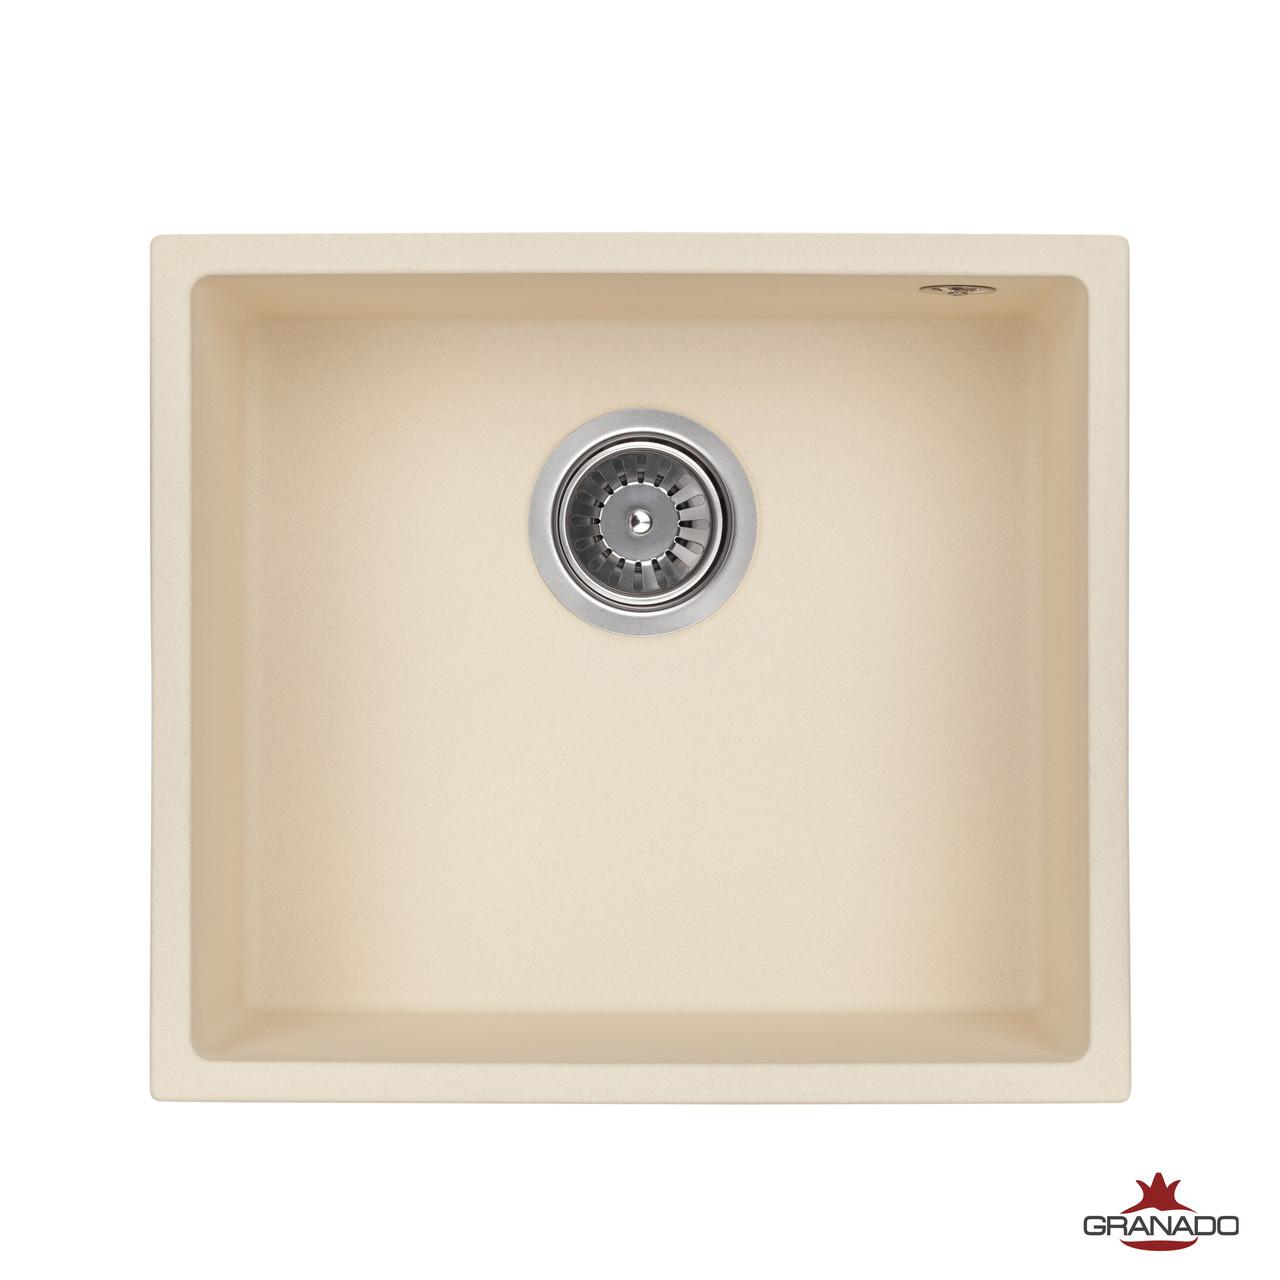 Кухонная мойка из гранита прямоугольной формы от производителя Granado модель Under top цвет Ivory